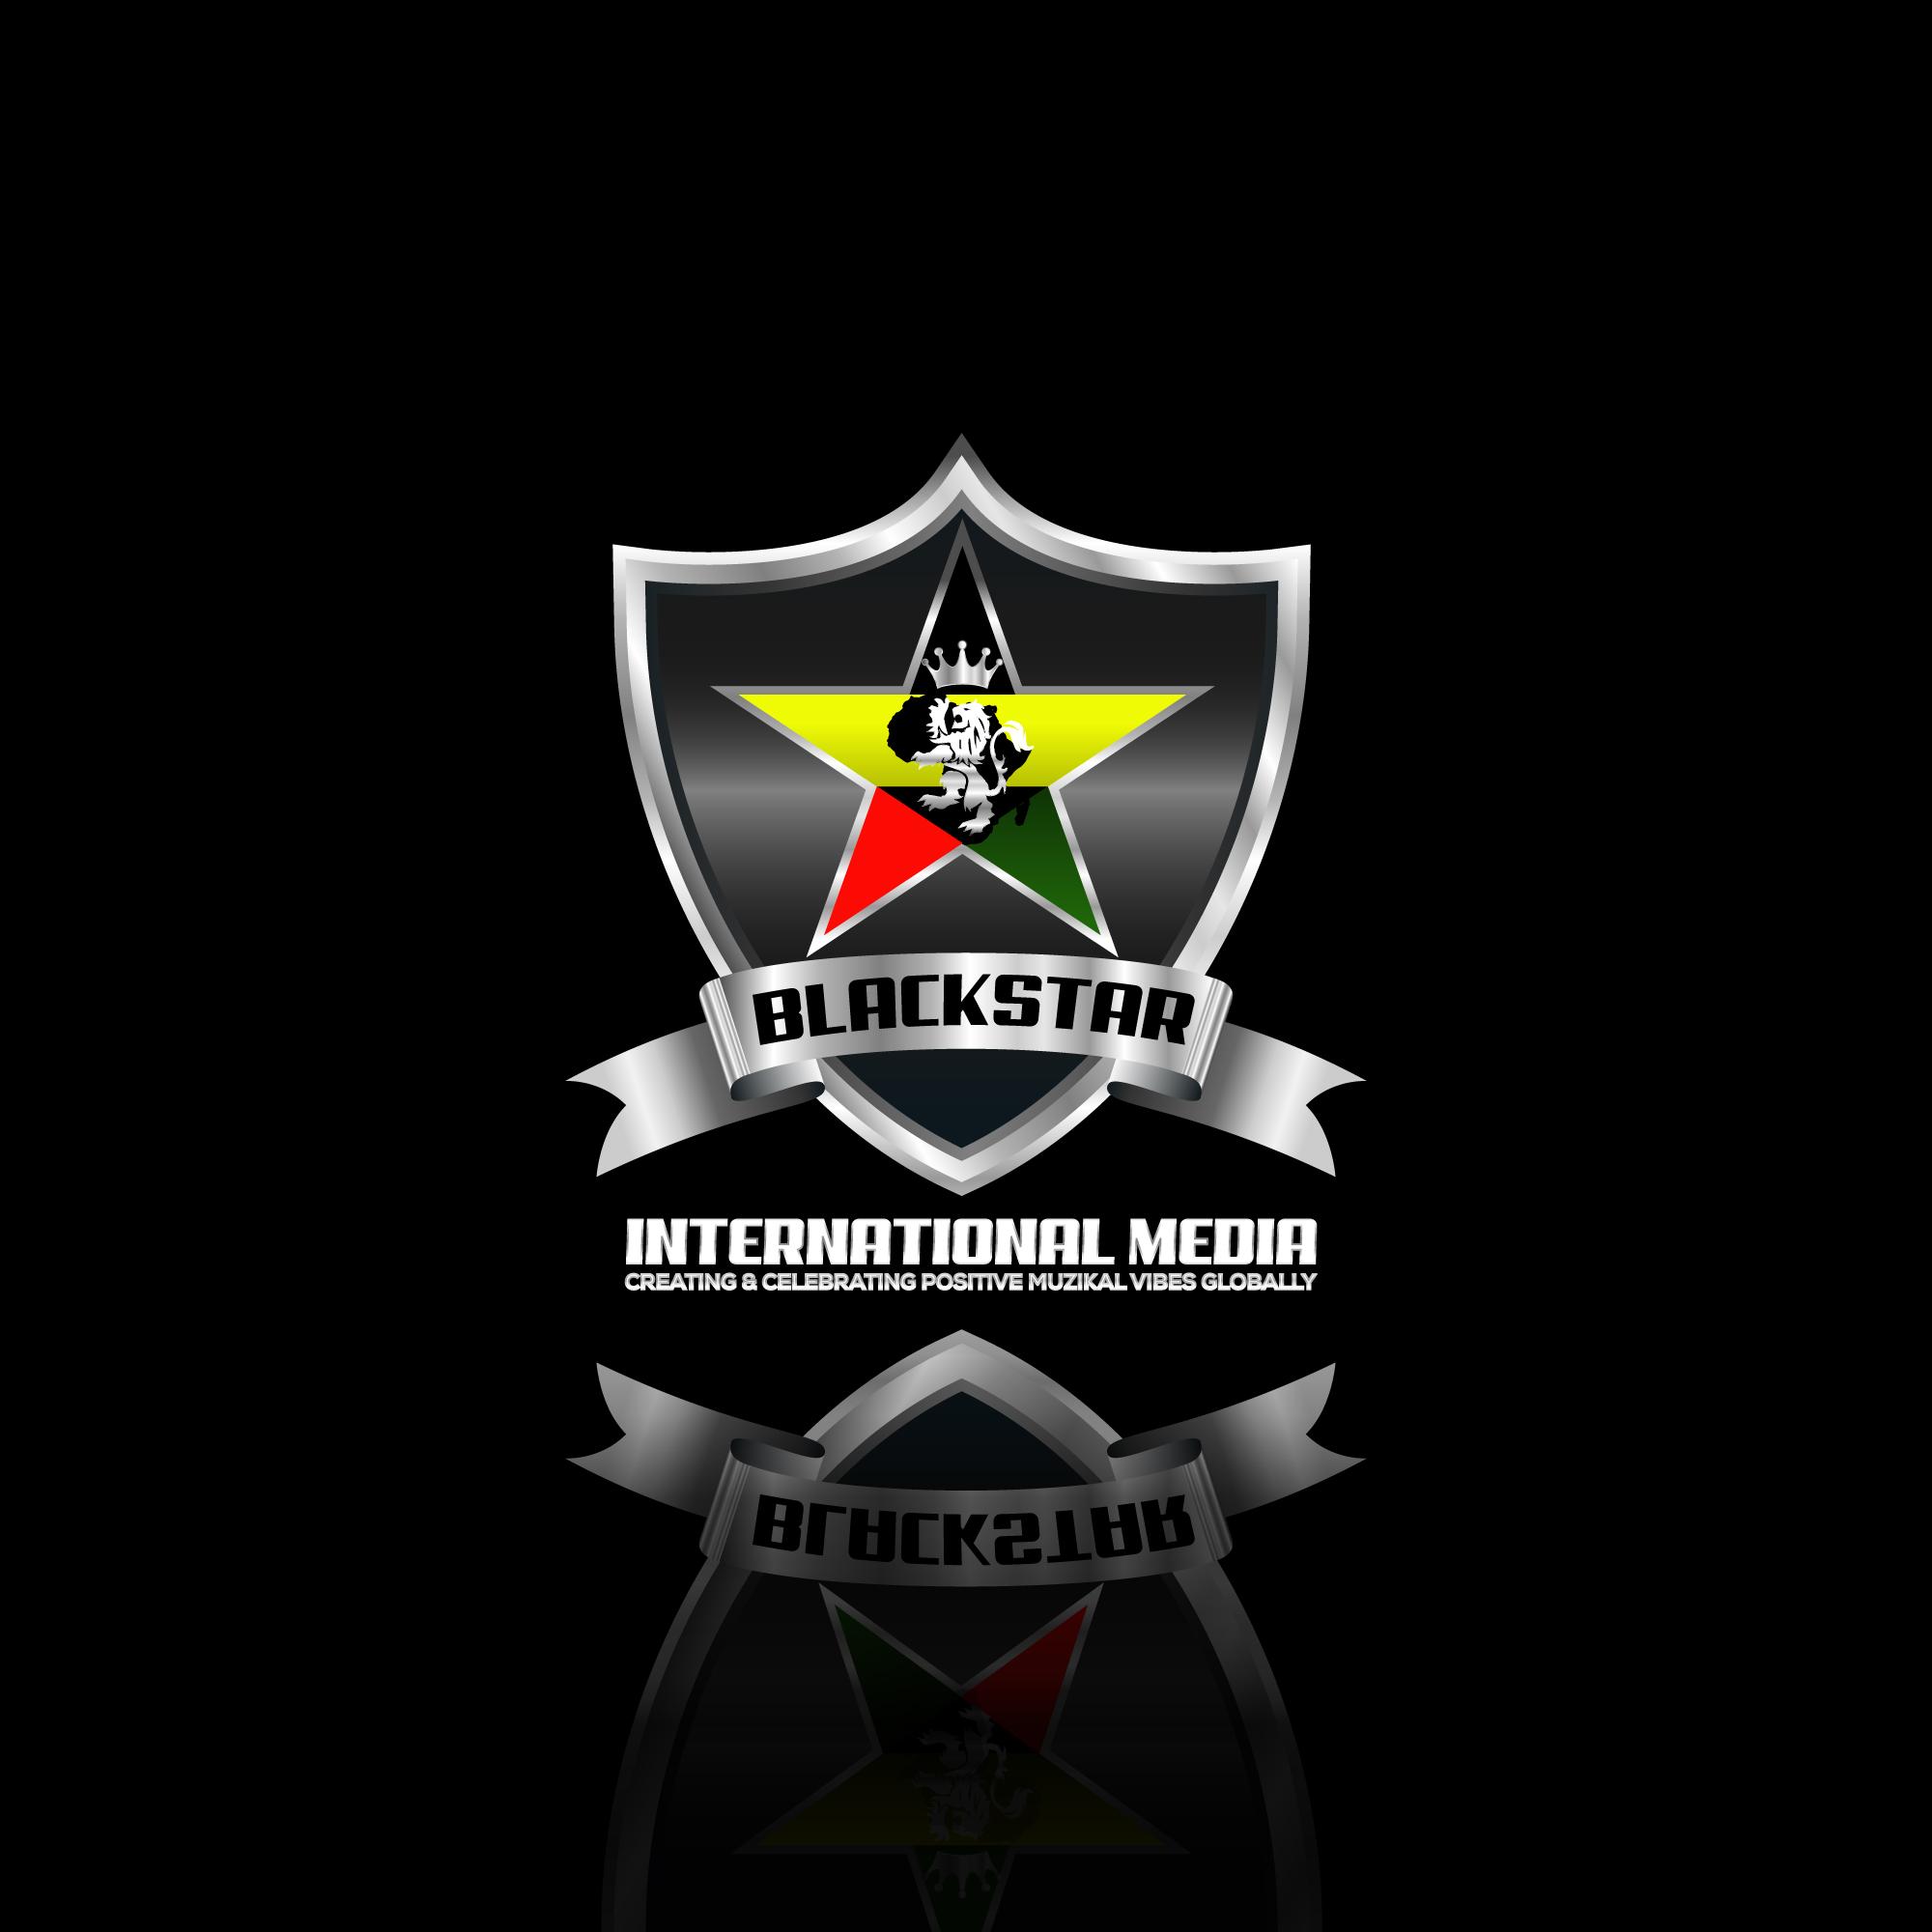 Blackstar International Media